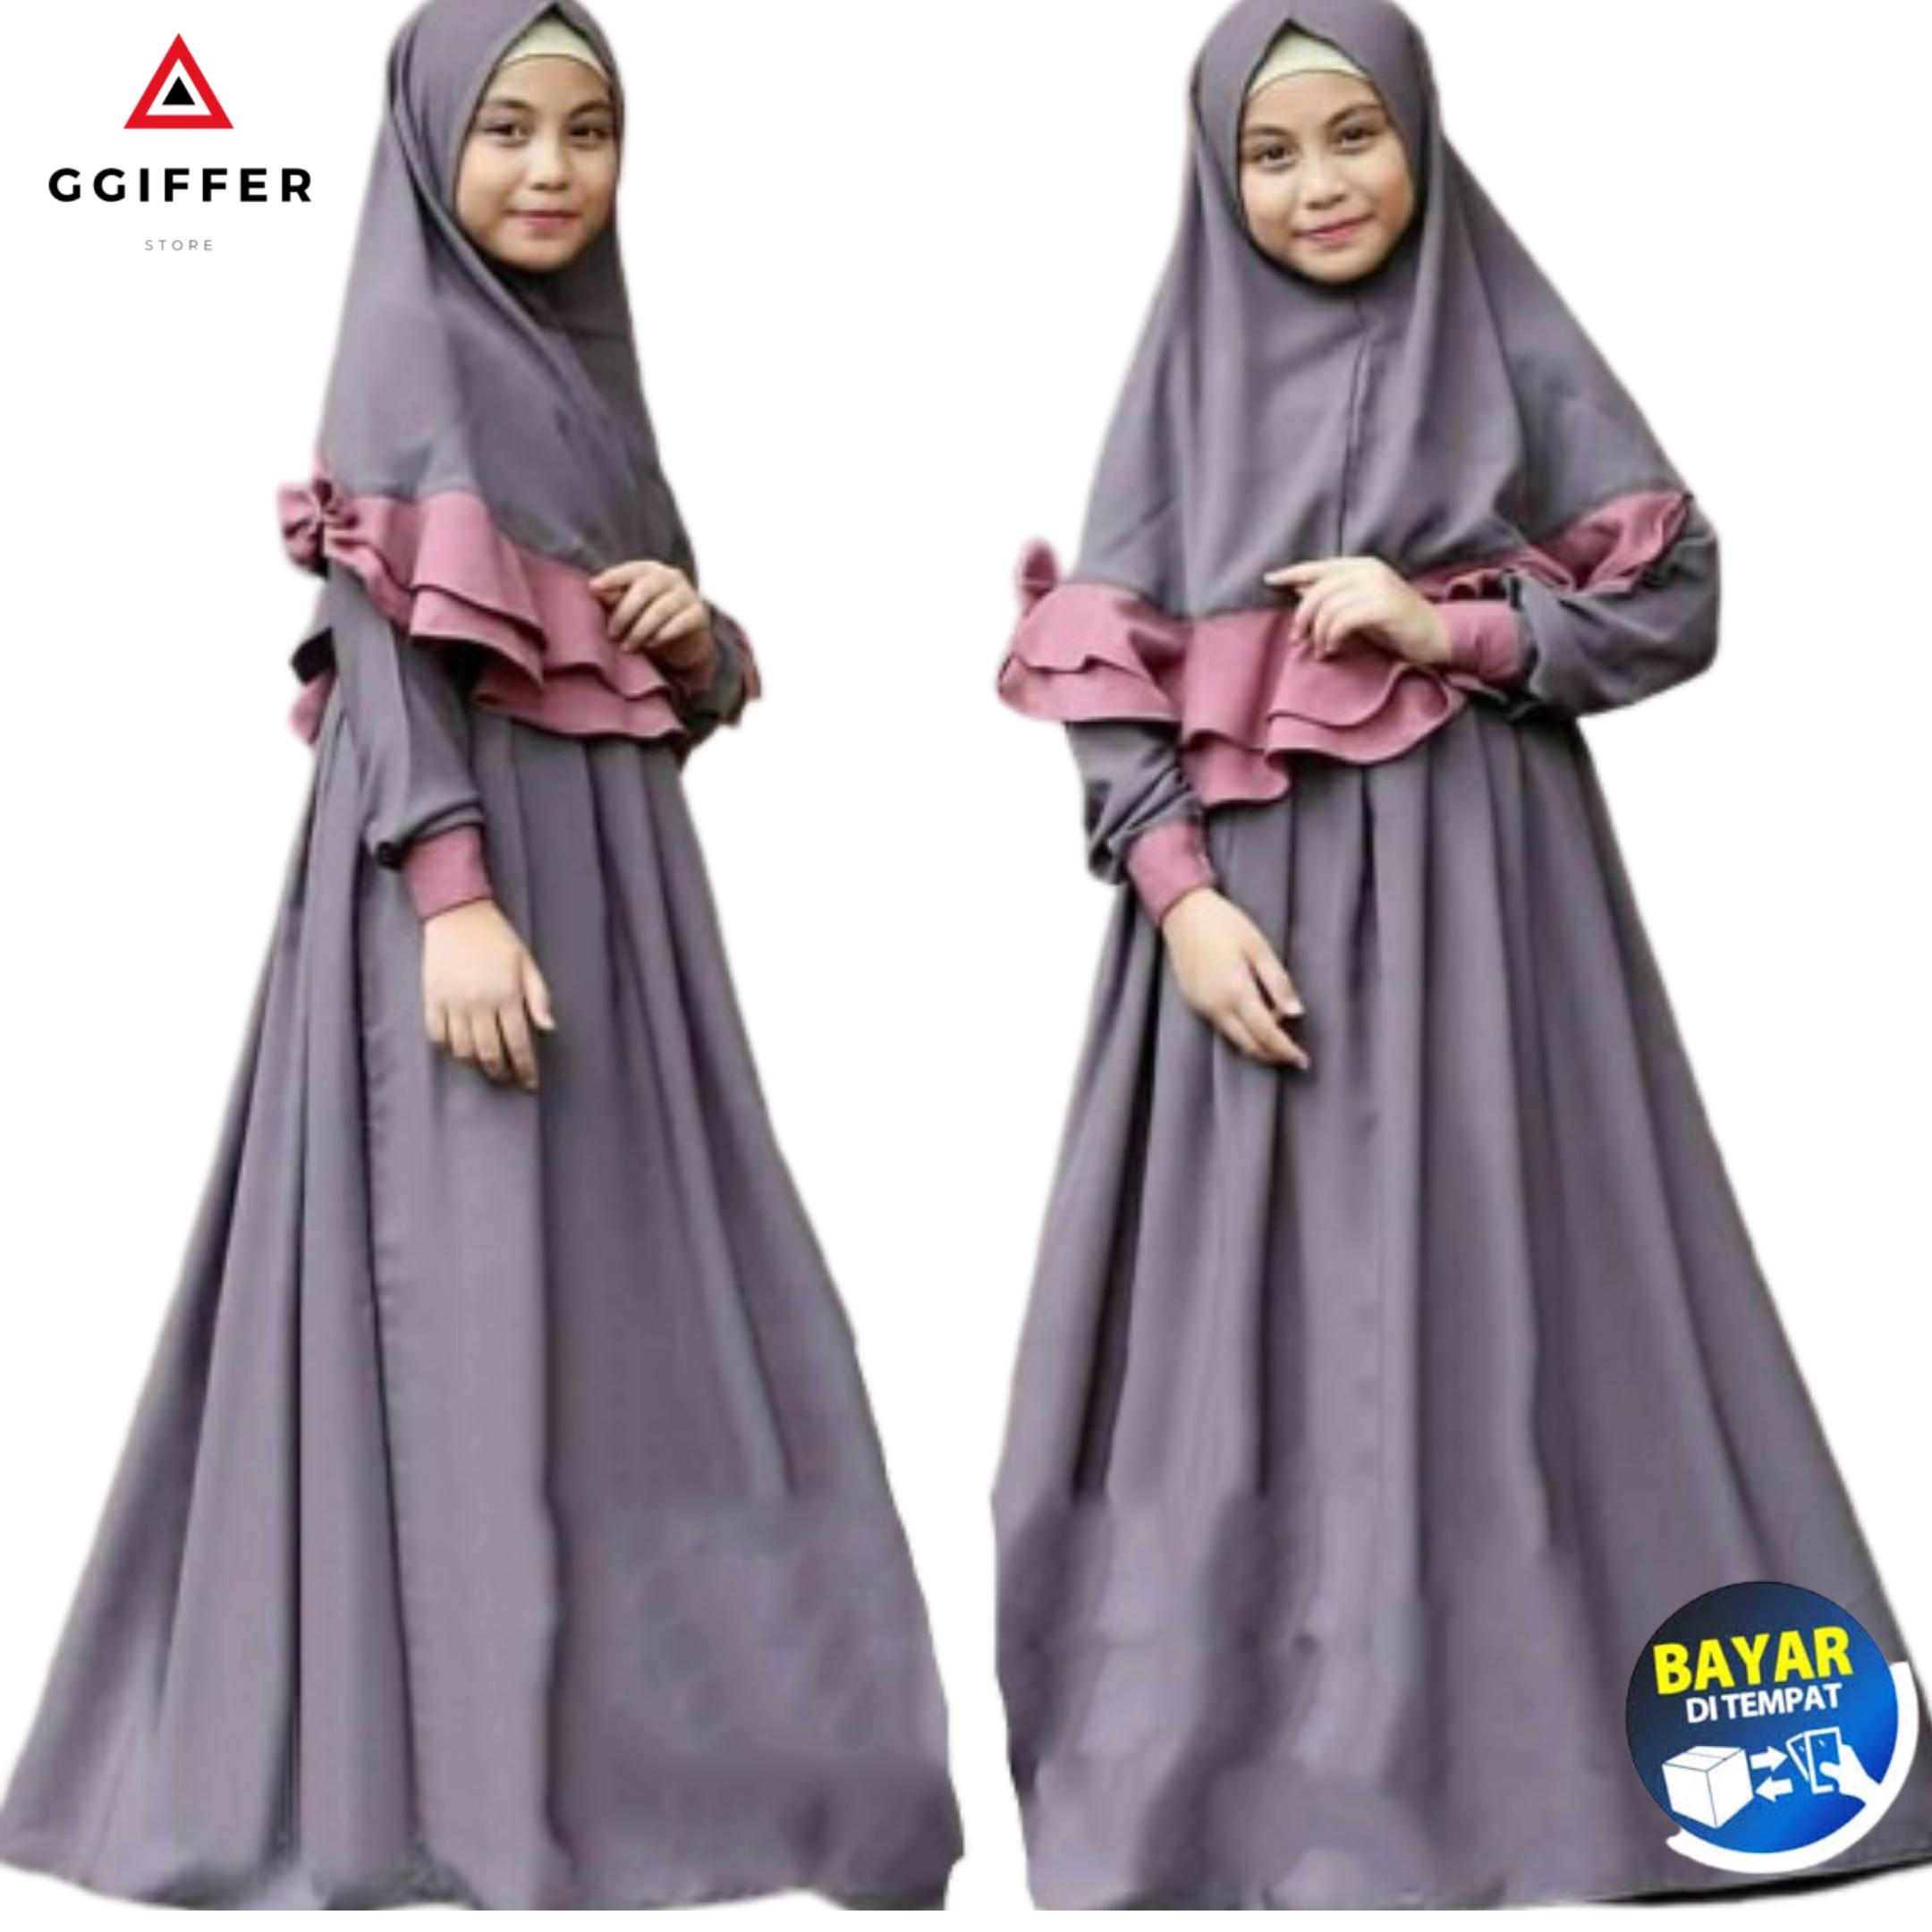 Gamis Anak Terbaru 2020 Model Gamis Anak Terbaru 2020 Baju Anak Perempuan Terbaru 2020 Baju Muslim Anank Perempuan Terbaru Gamis Anak Remaja Baju Muslim Trend 2020 Baju